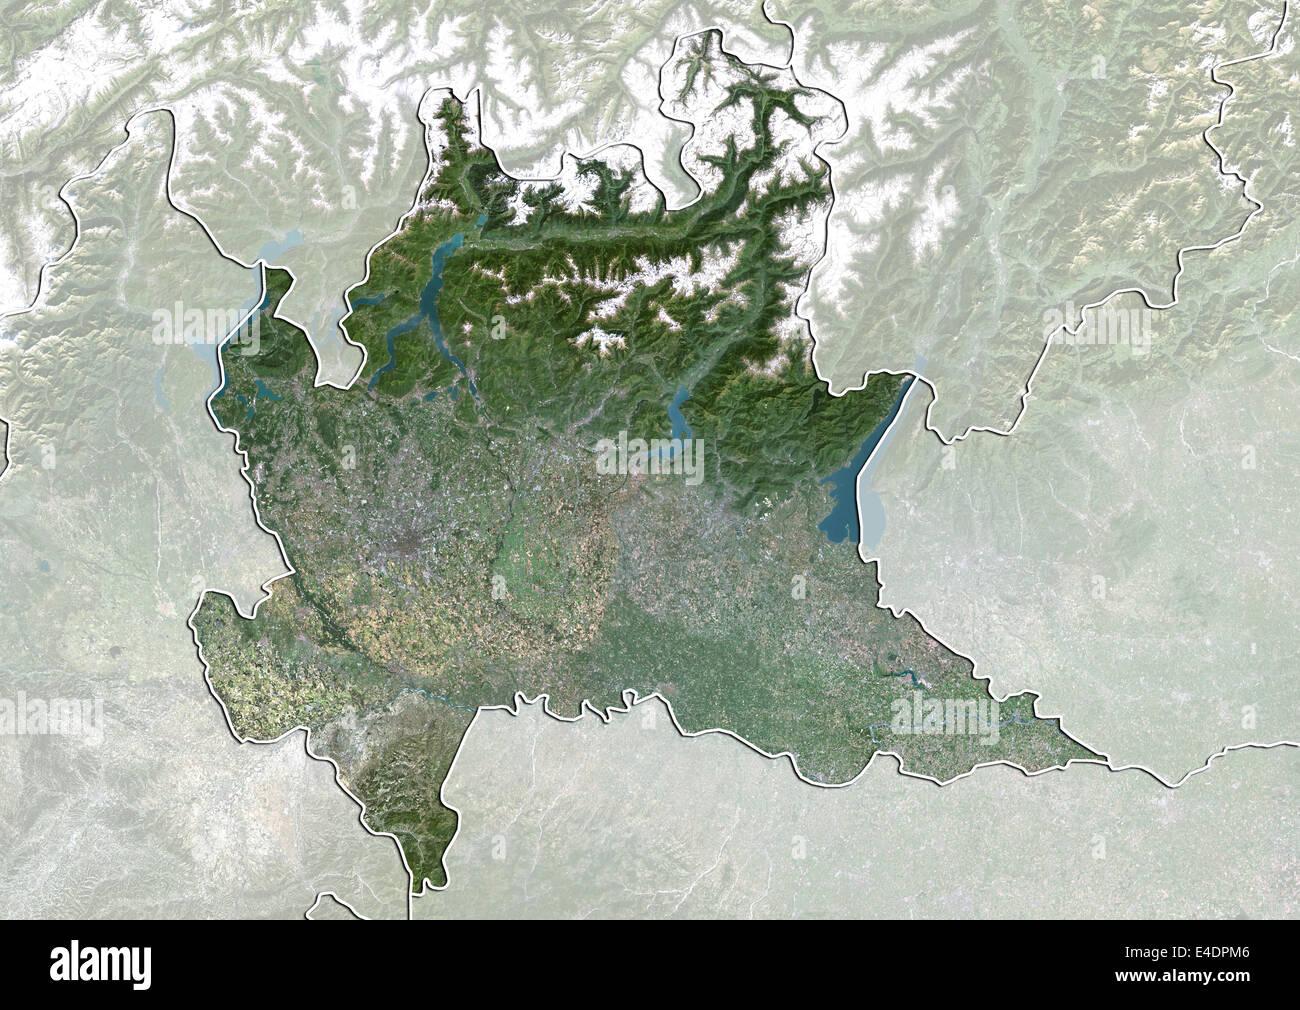 Cartina Satellitare Lombardia.Regione Di Lombardia Italia True Color Satellitare Immagine Foto Stock Alamy